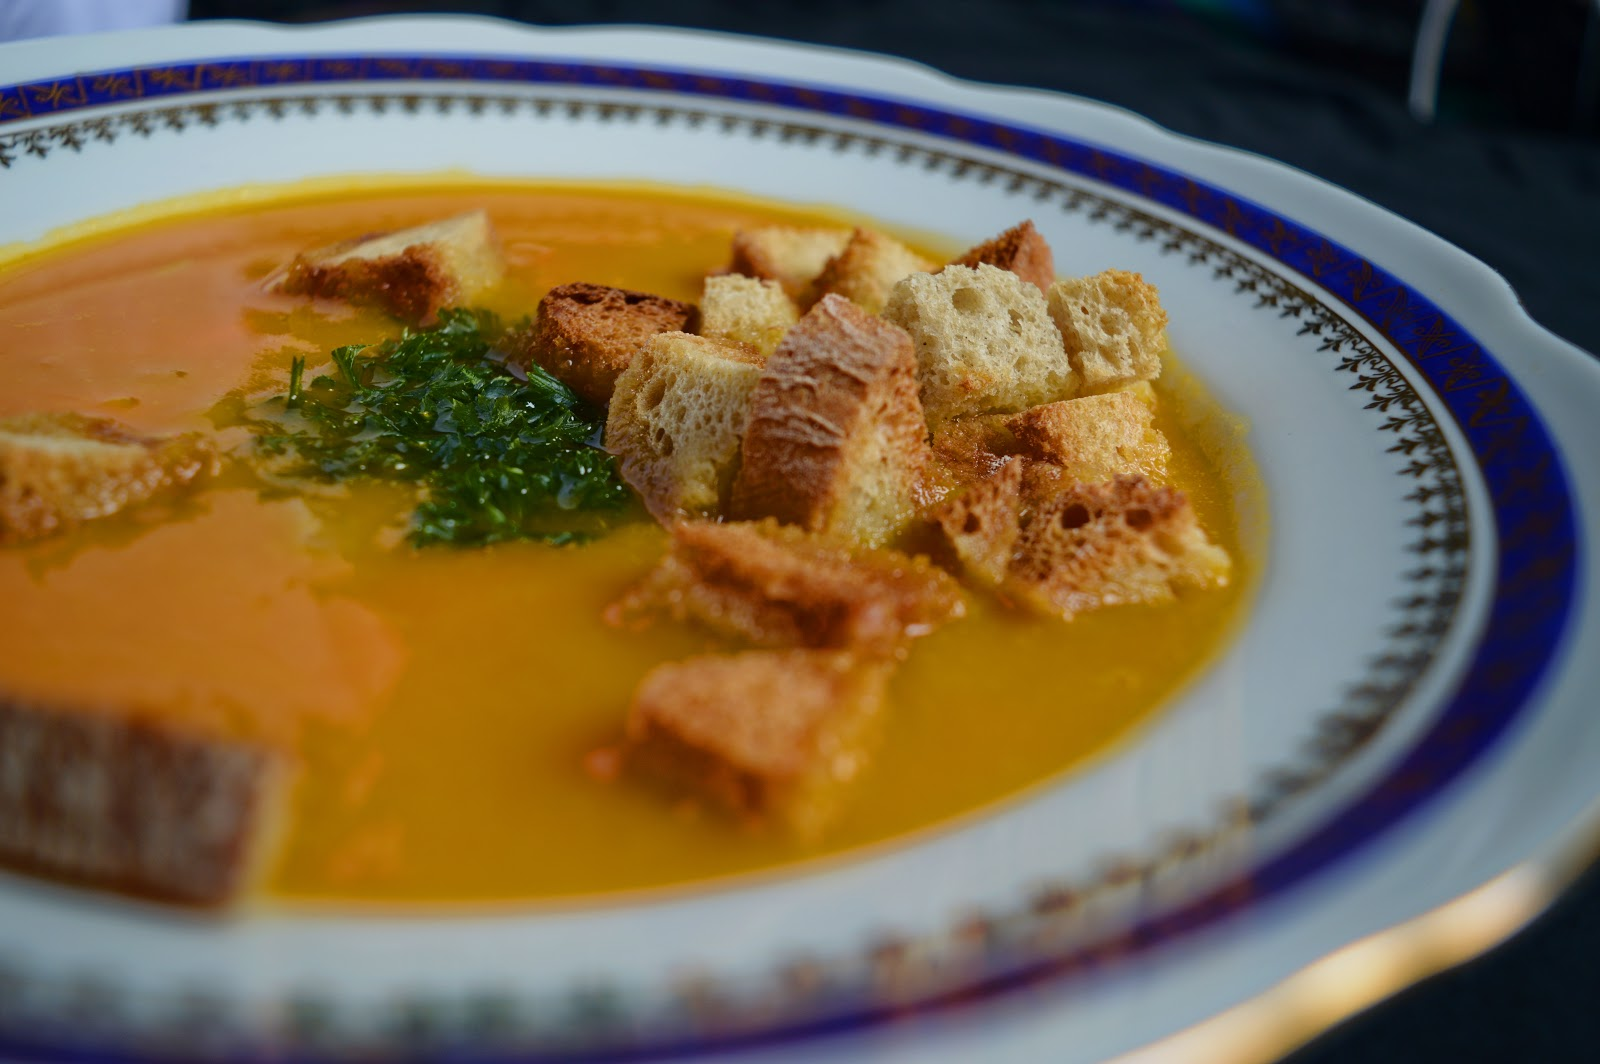 zupa z dyni, zup z grzankami, zupa z imbirem, dynia, imbir, zupa z dynią